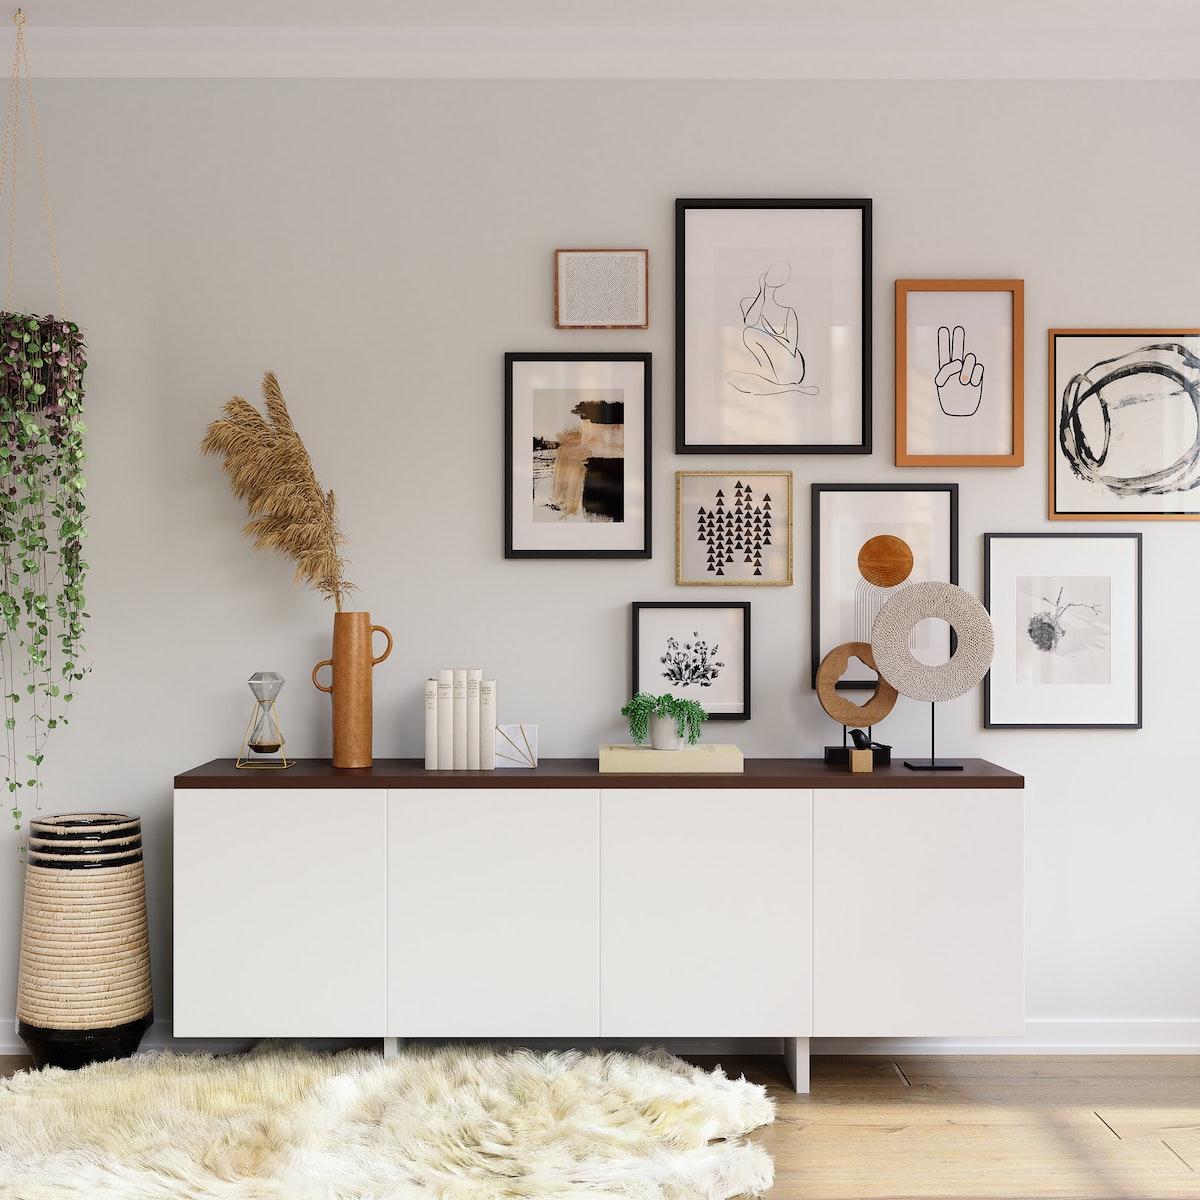 Oblong White Dresser